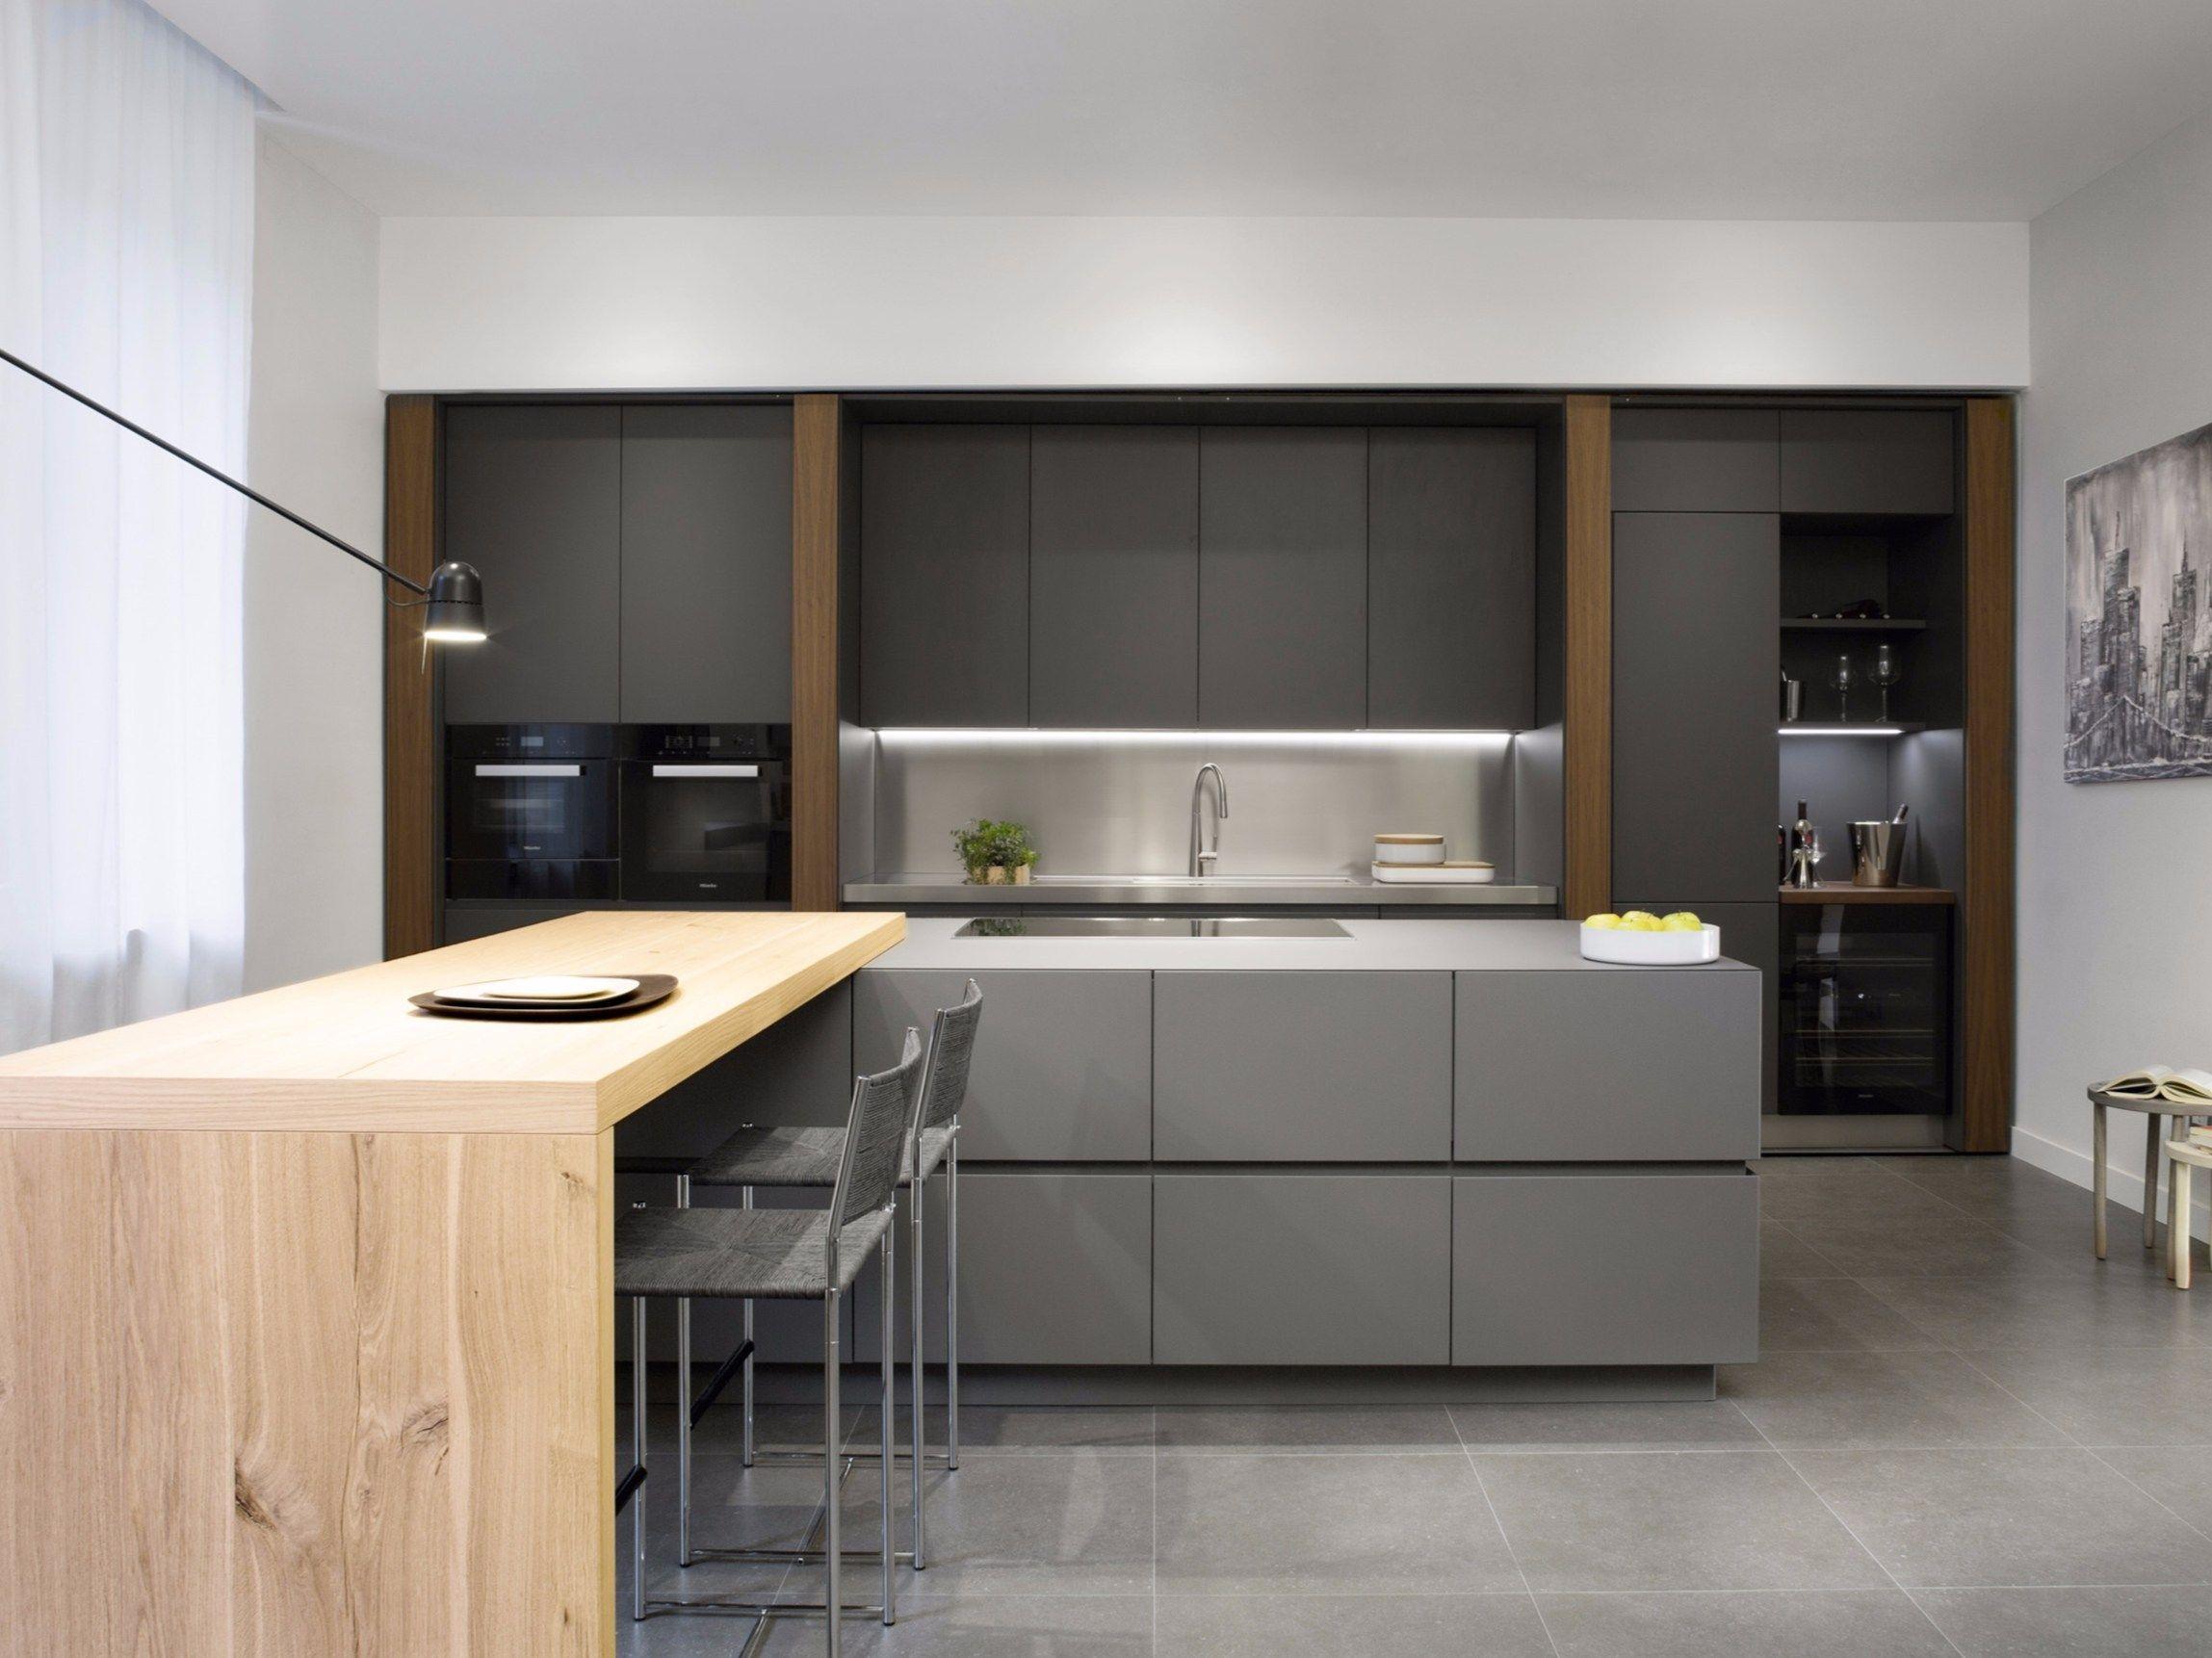 küche aus walnuss mit kücheninsel ohne griffe | armoire cuisine ... - Küche Ohne Griffe